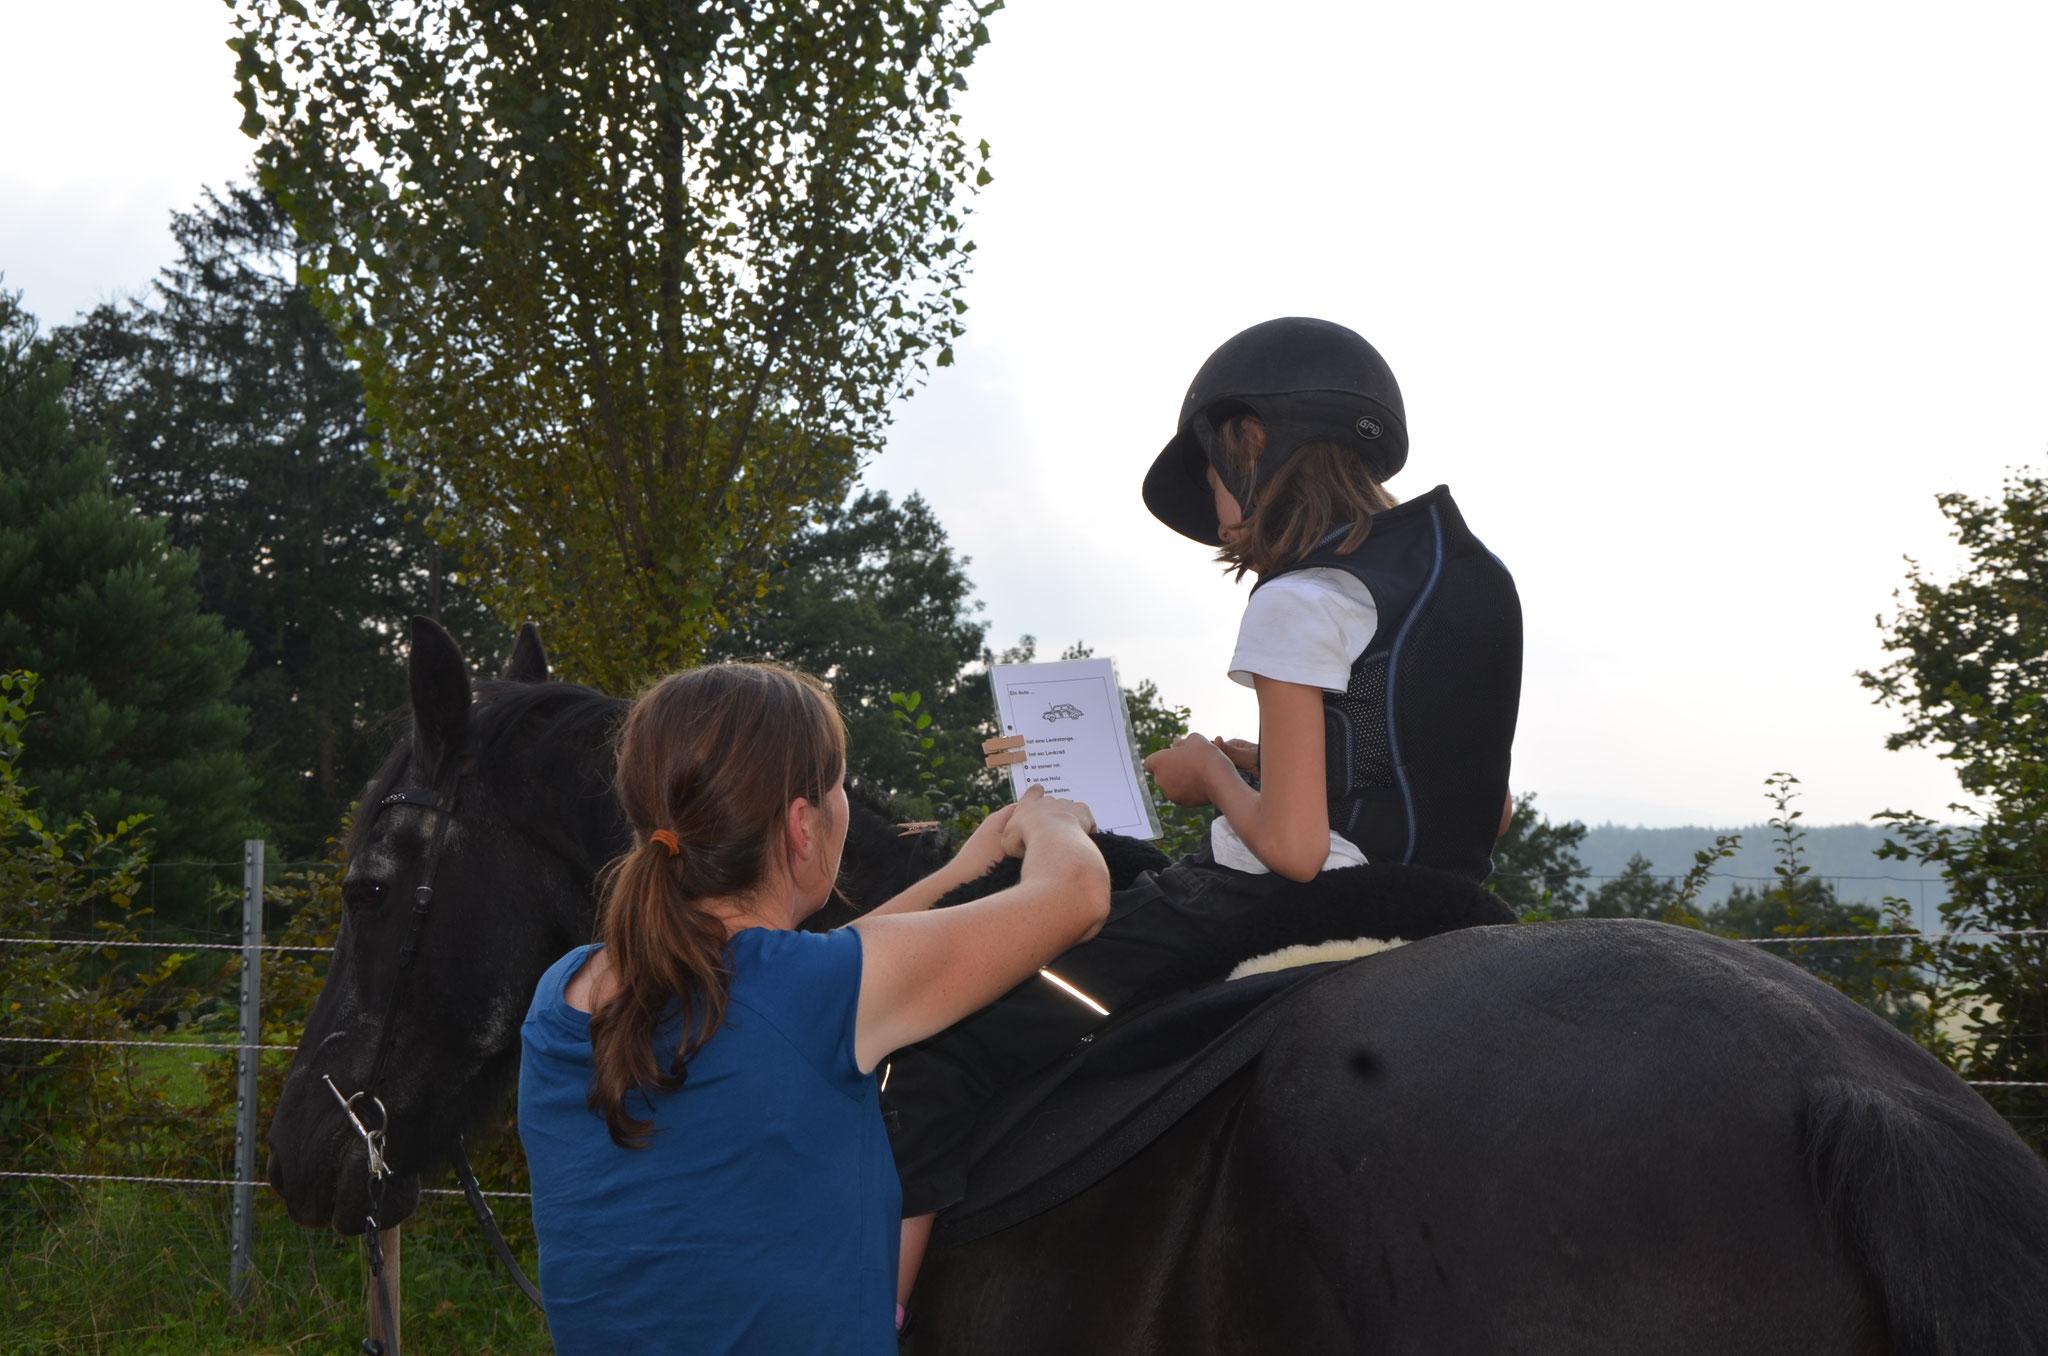 Am Pferd liest es sich viel leichter!